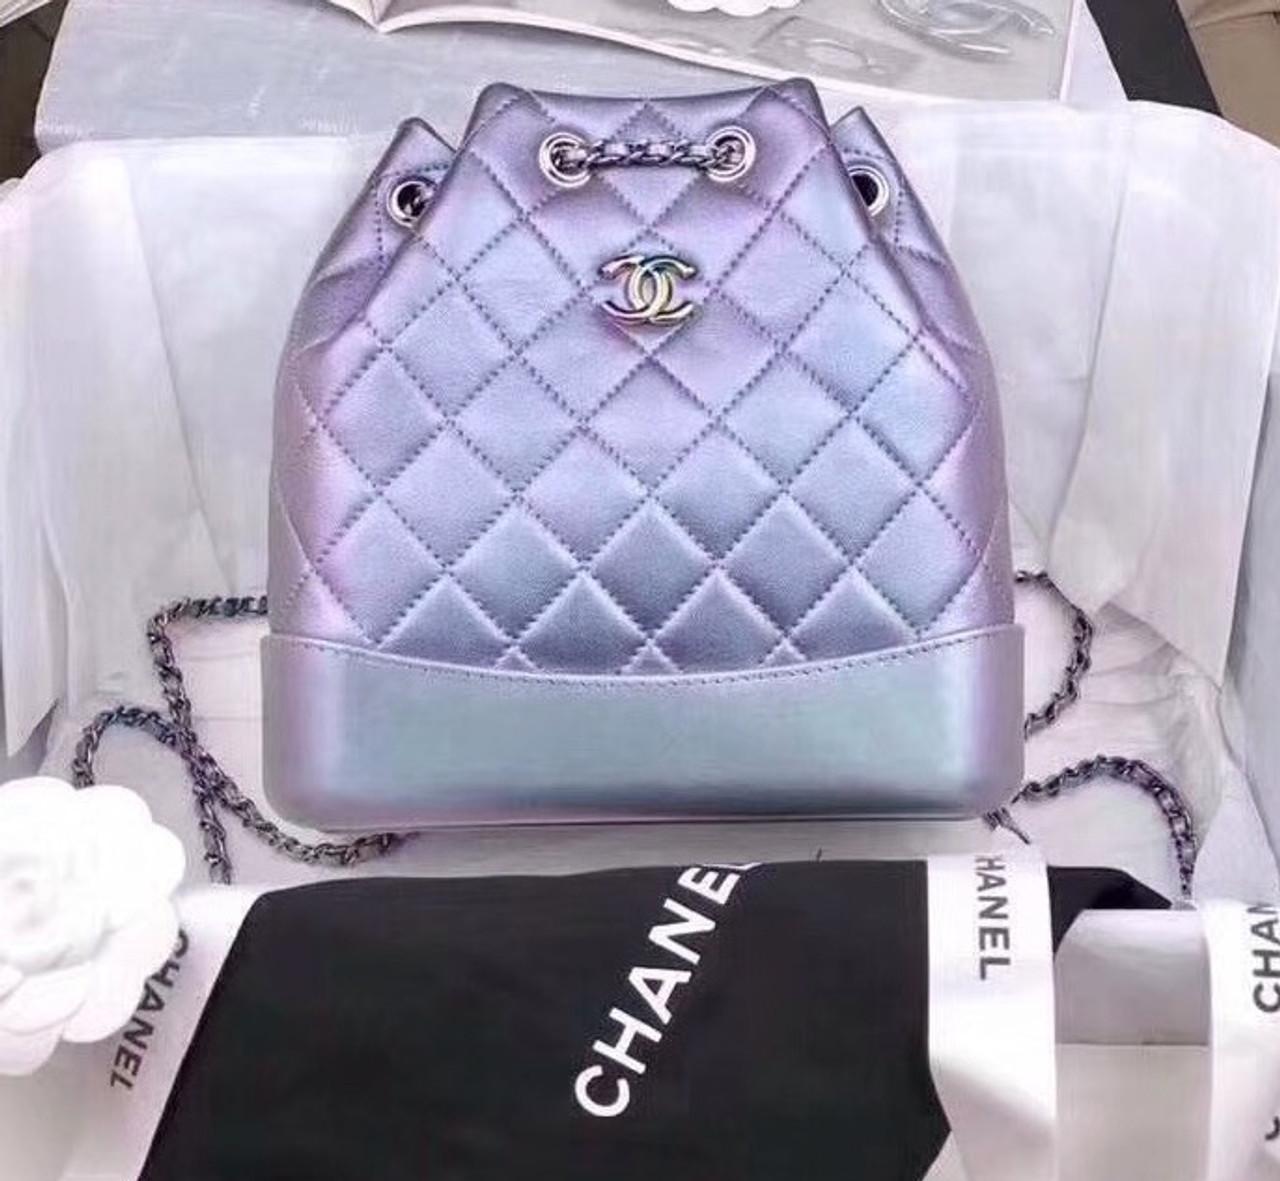 433c4438a9a4 CHANEL'S GABRIELLE BACKPACK Iridescent Purple - Bella Vita Moda